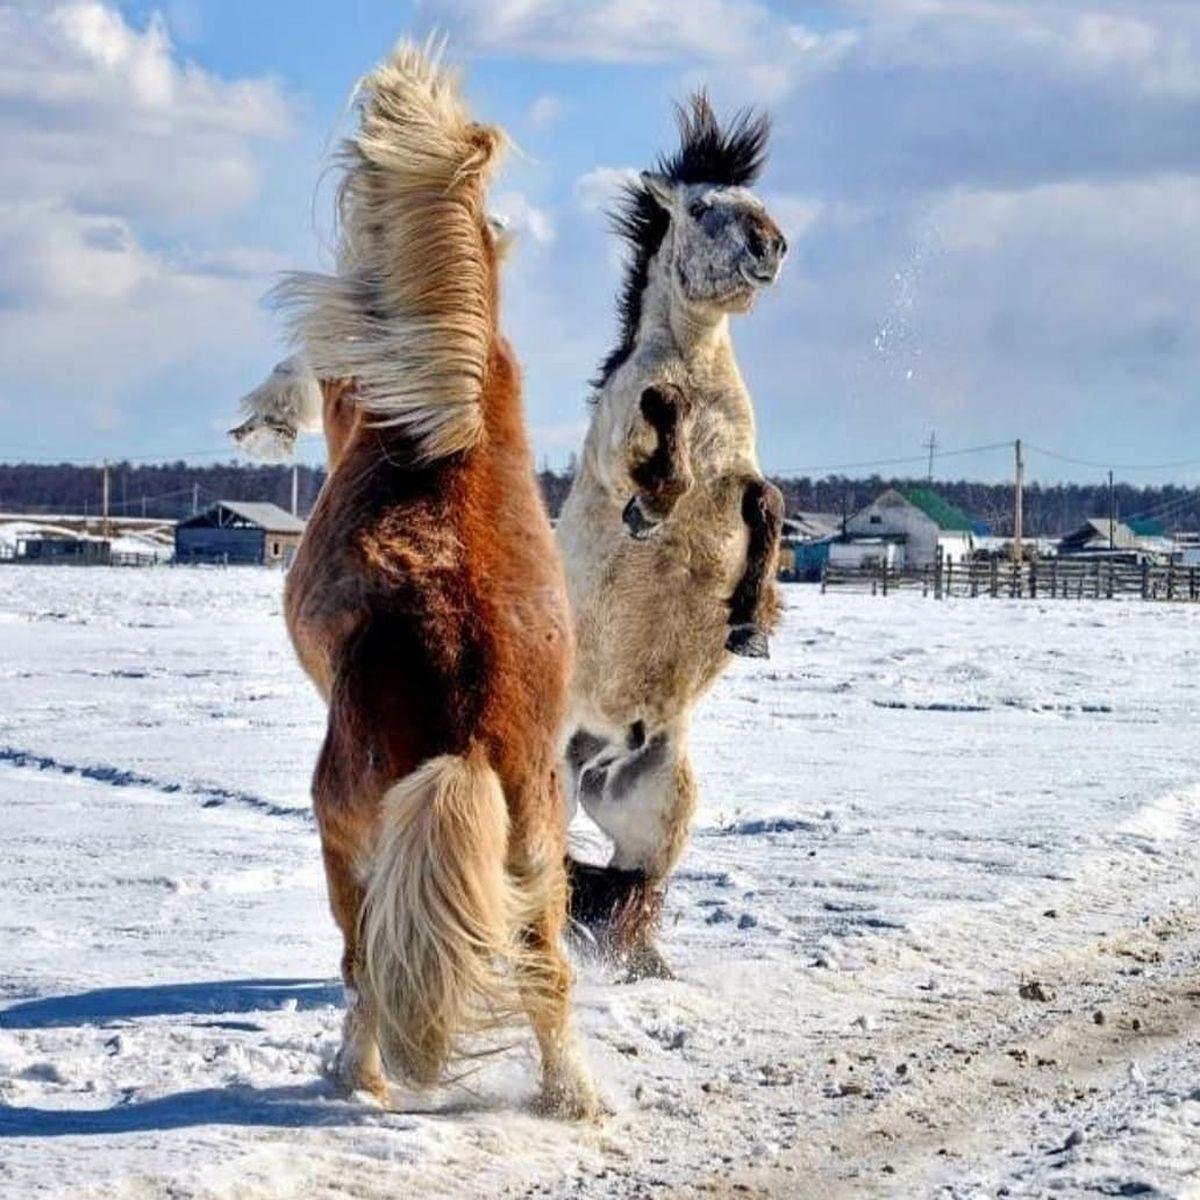 Les chevaux yakoutiens ont développé des capacités remarquables qui leur permettent de résister à des températures inférieures à -70 degrés Celsisus.